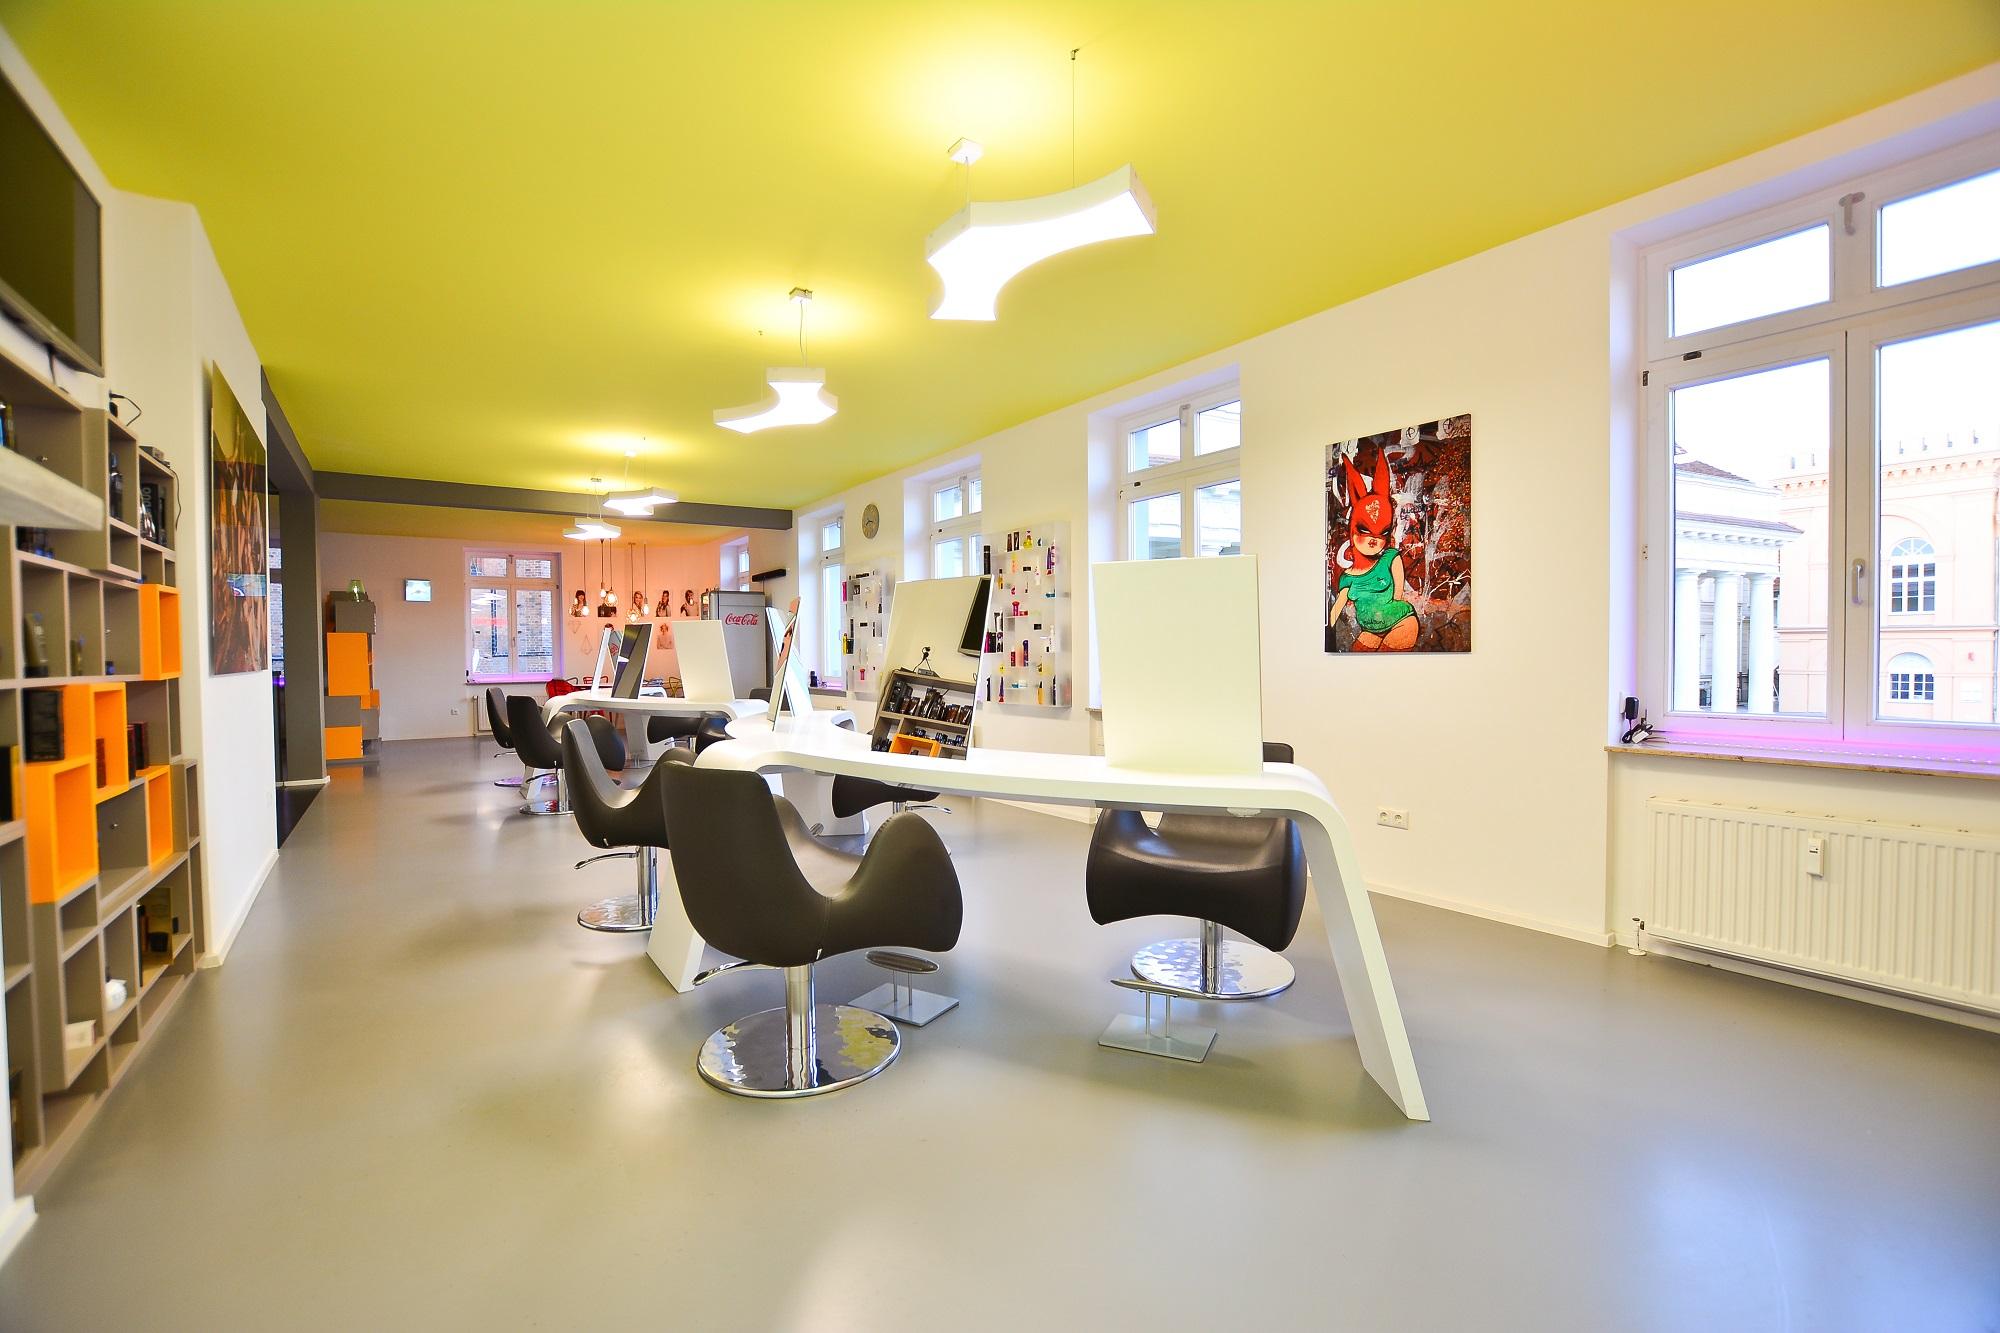 Salondesign Schwerin